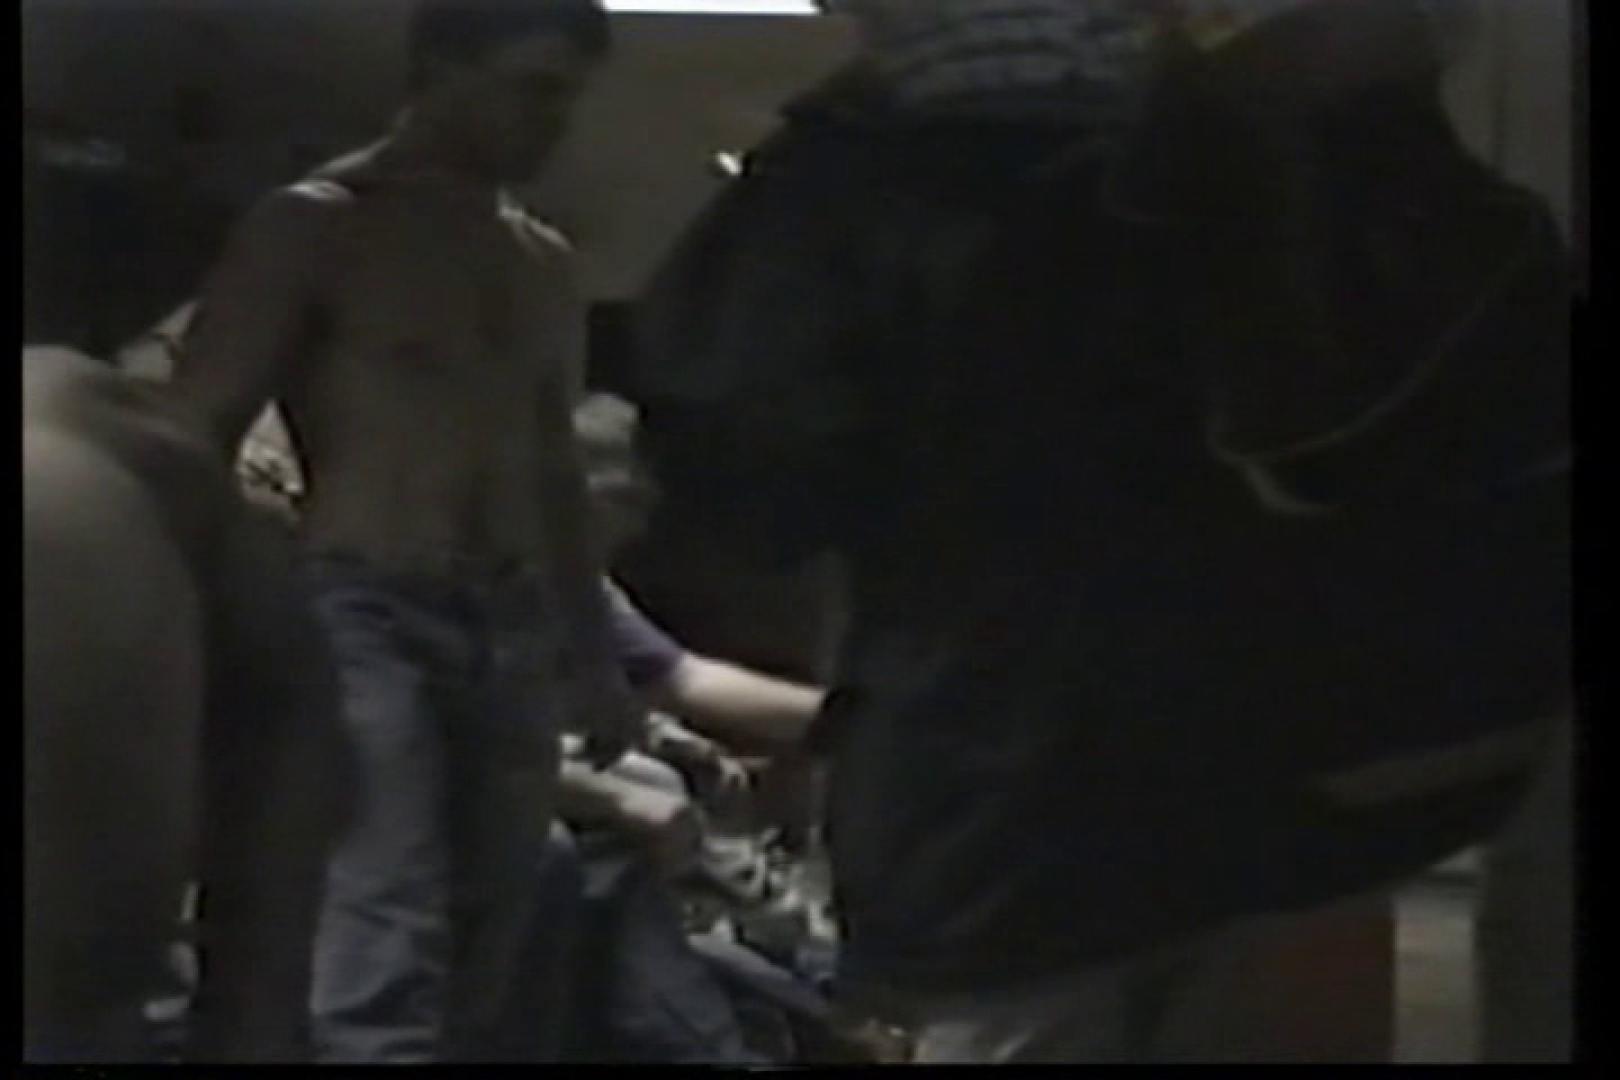 洋人さんの脱衣所を覗いてみました。VOL.3 のぞき  38pic 17